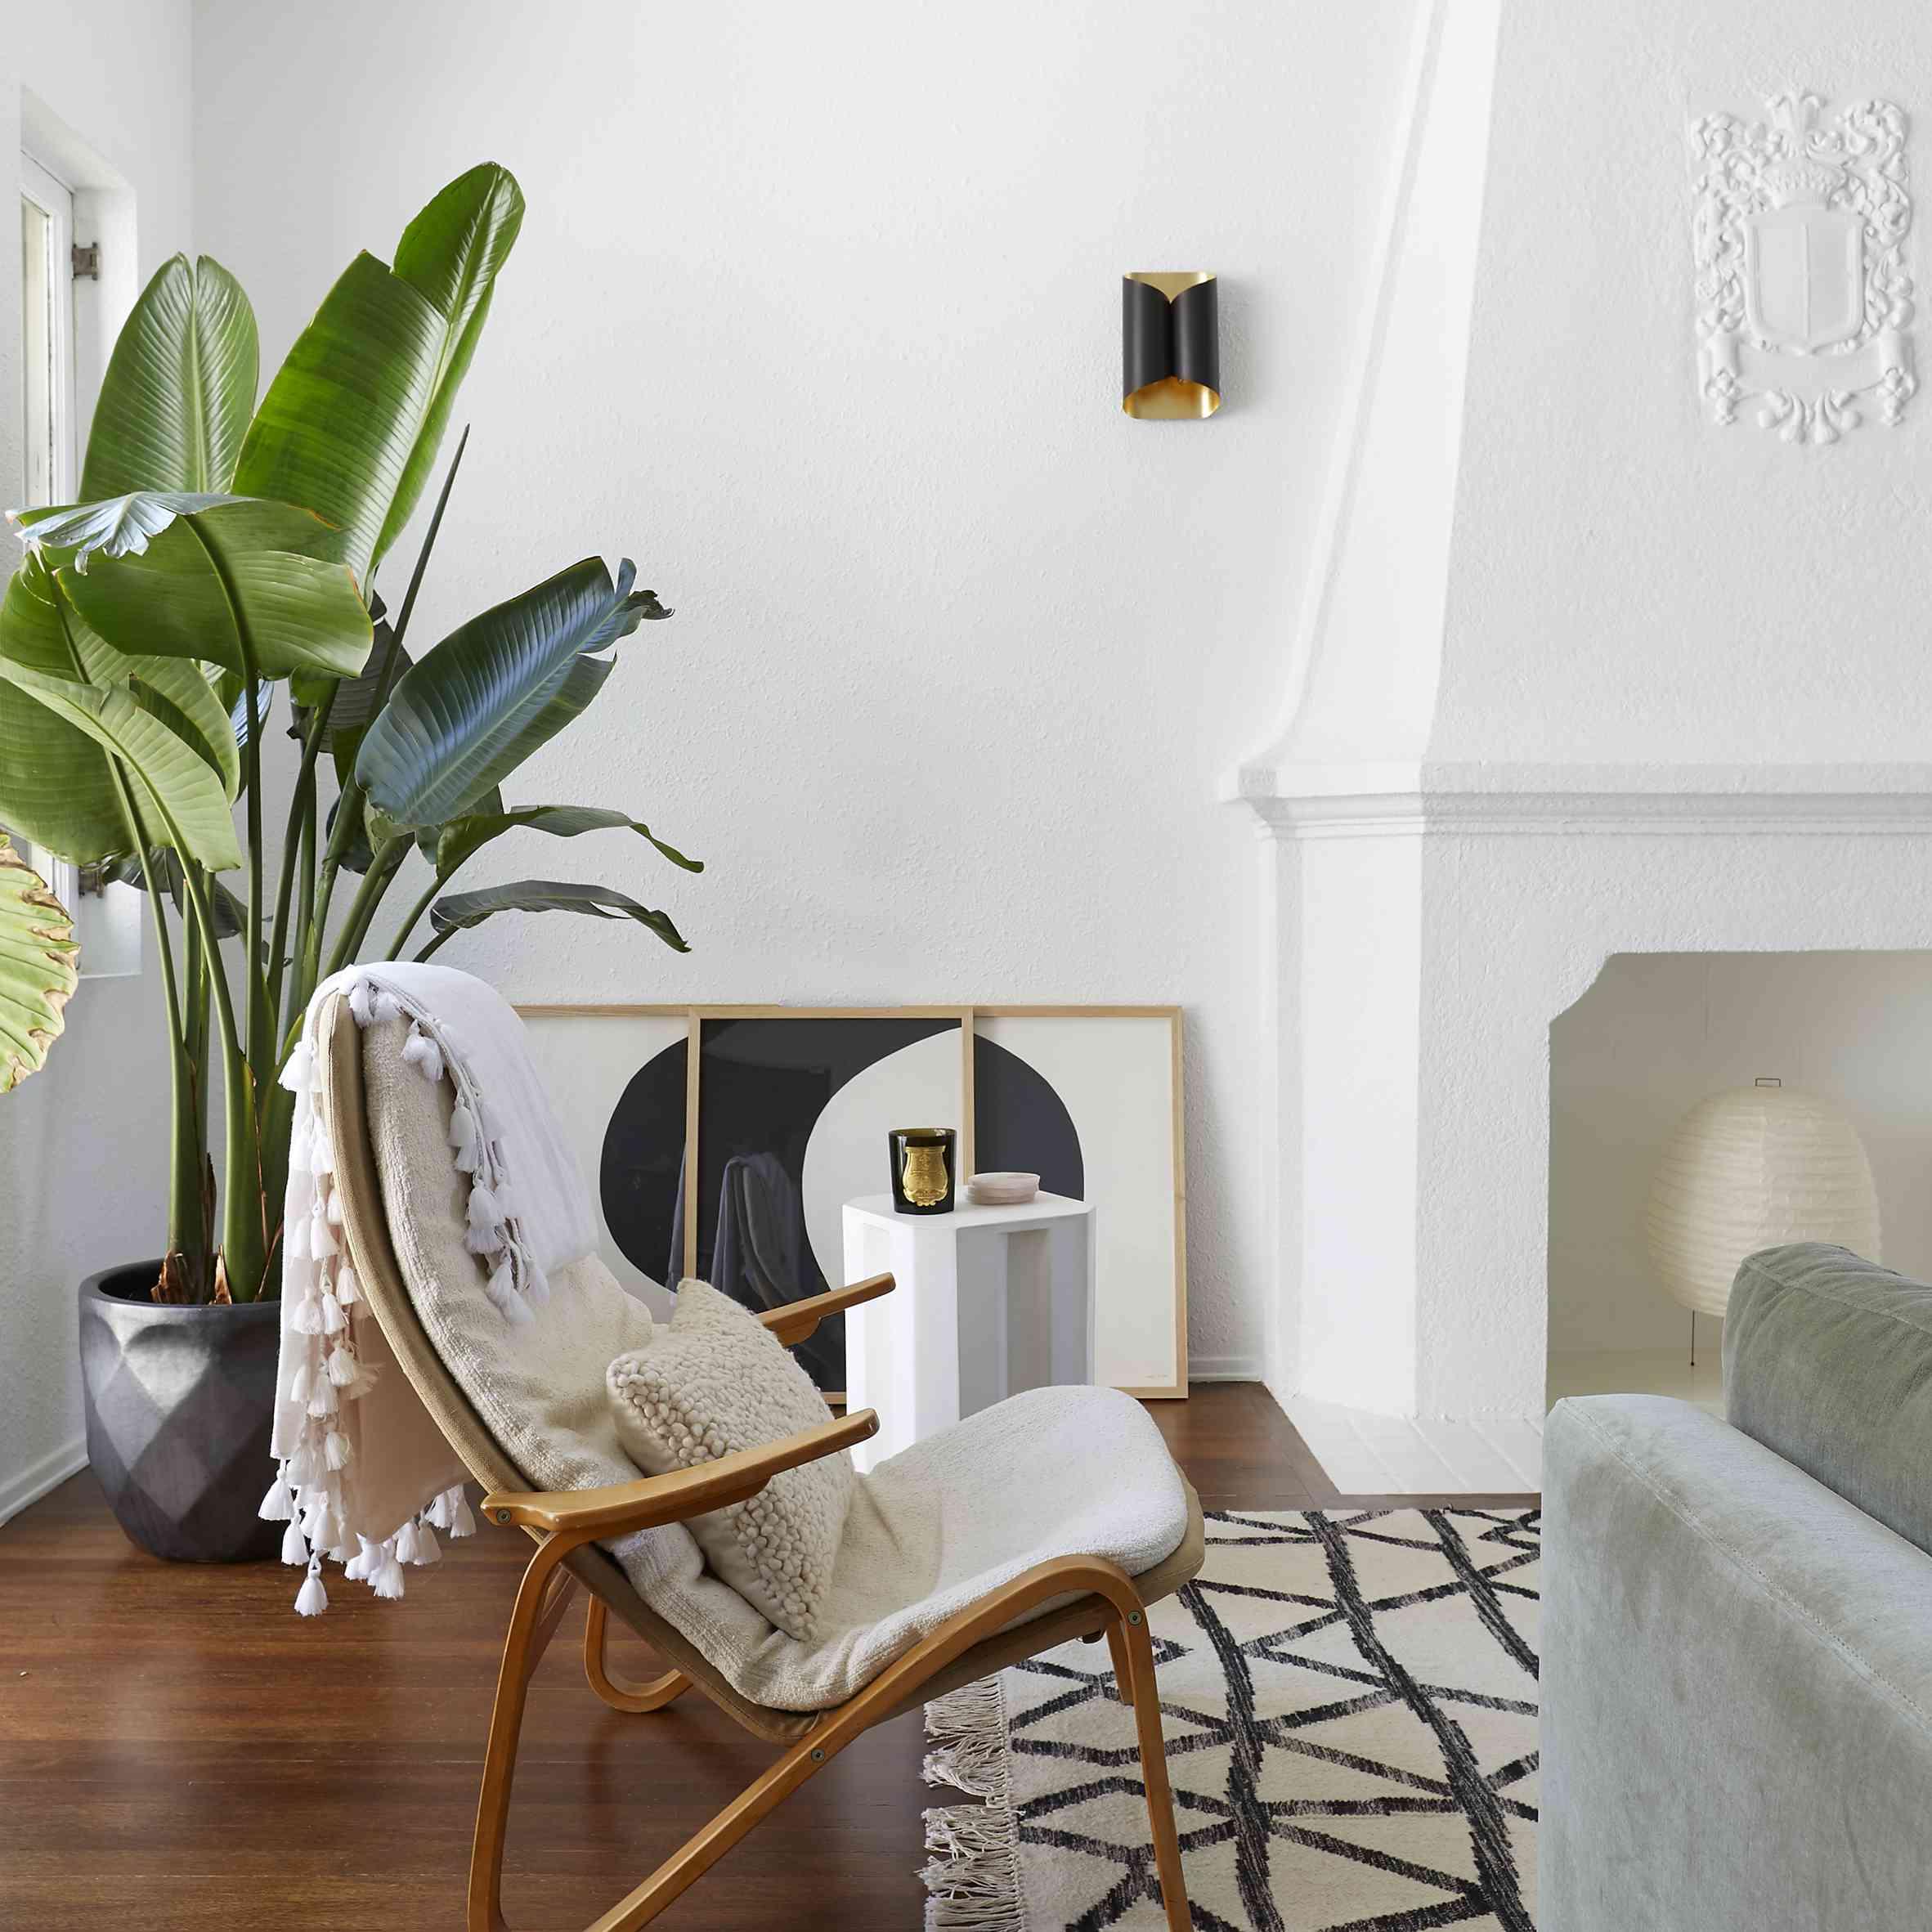 sala de estar con detalles arquitectónicos de estilo español